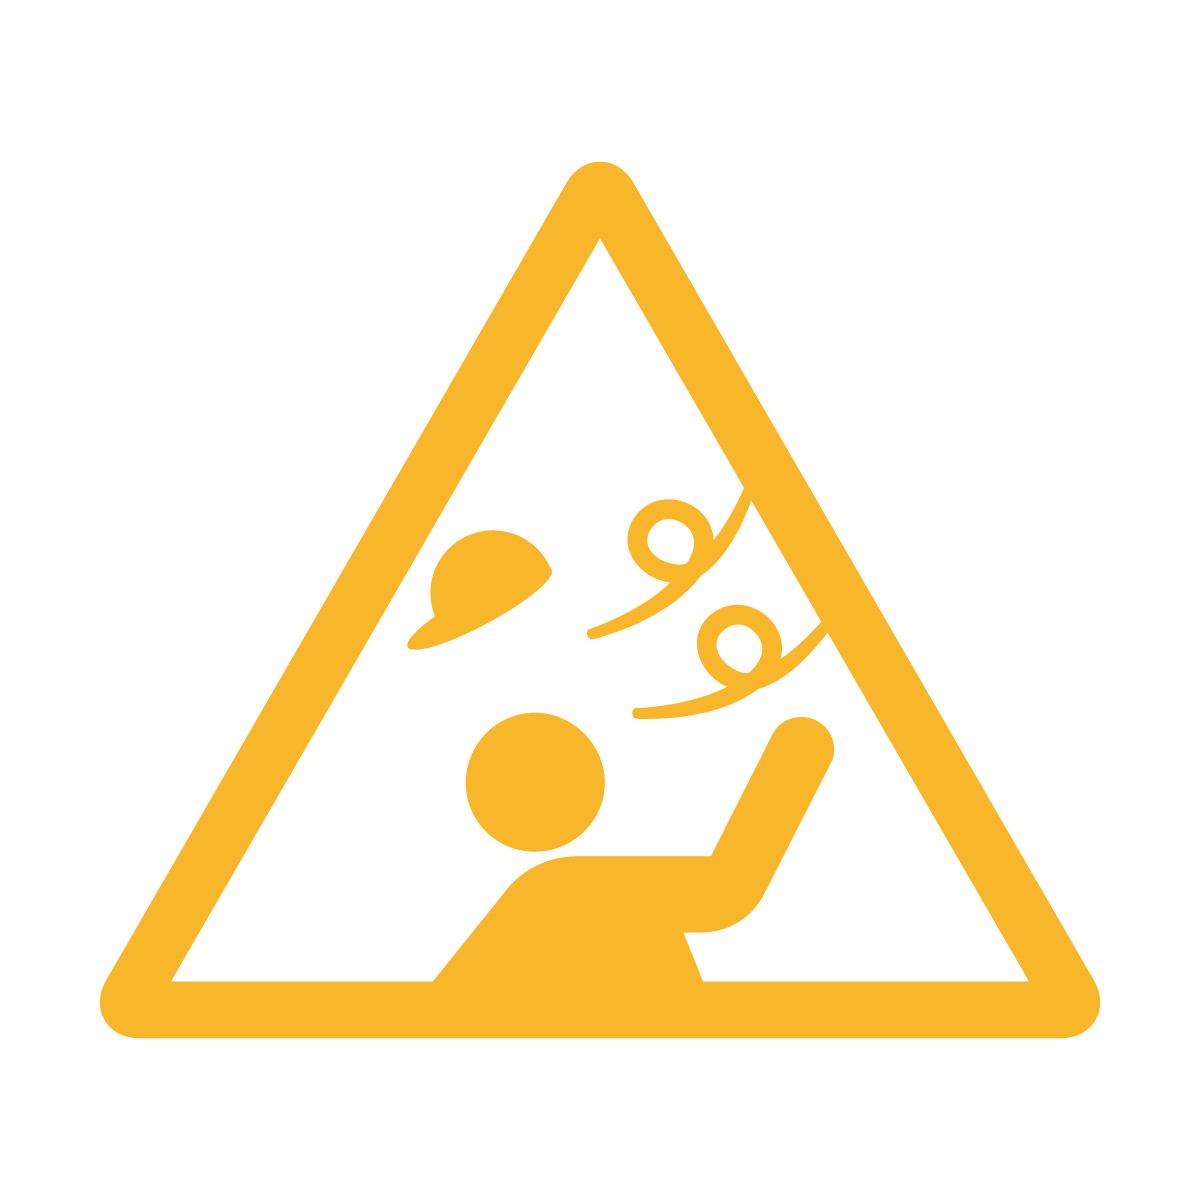 黄色の強風注意マークのカッティングステッカー・シール 光沢タイプ・防水・耐水・屋外耐候3~4年